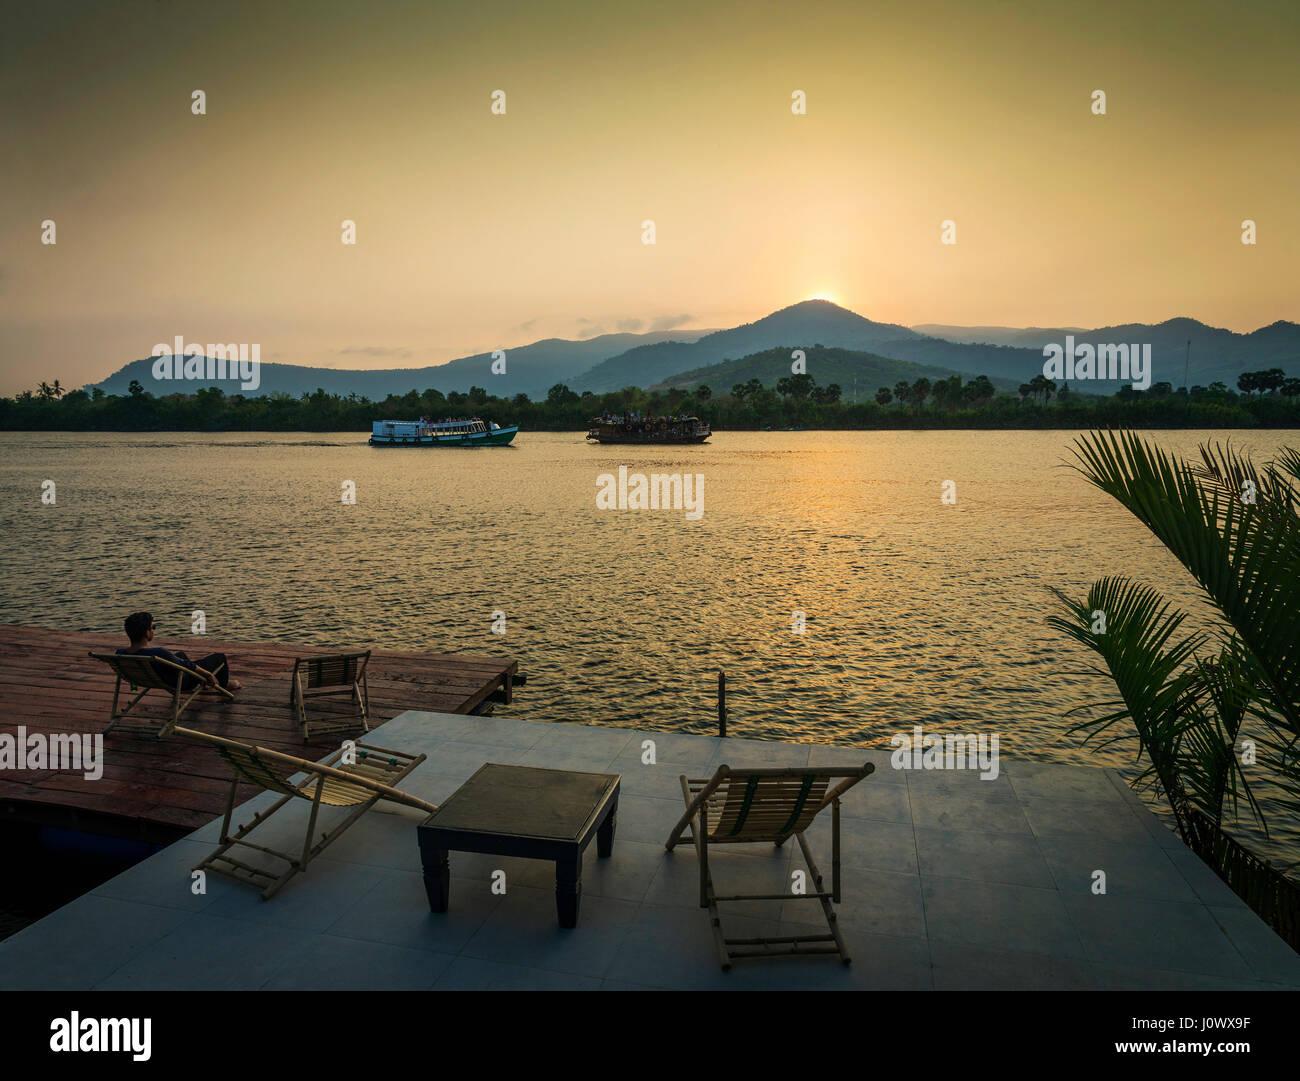 Riverside vista del atardecer en Kampot Camboya asia con relajantes hamacas y embarcaciones Imagen De Stock